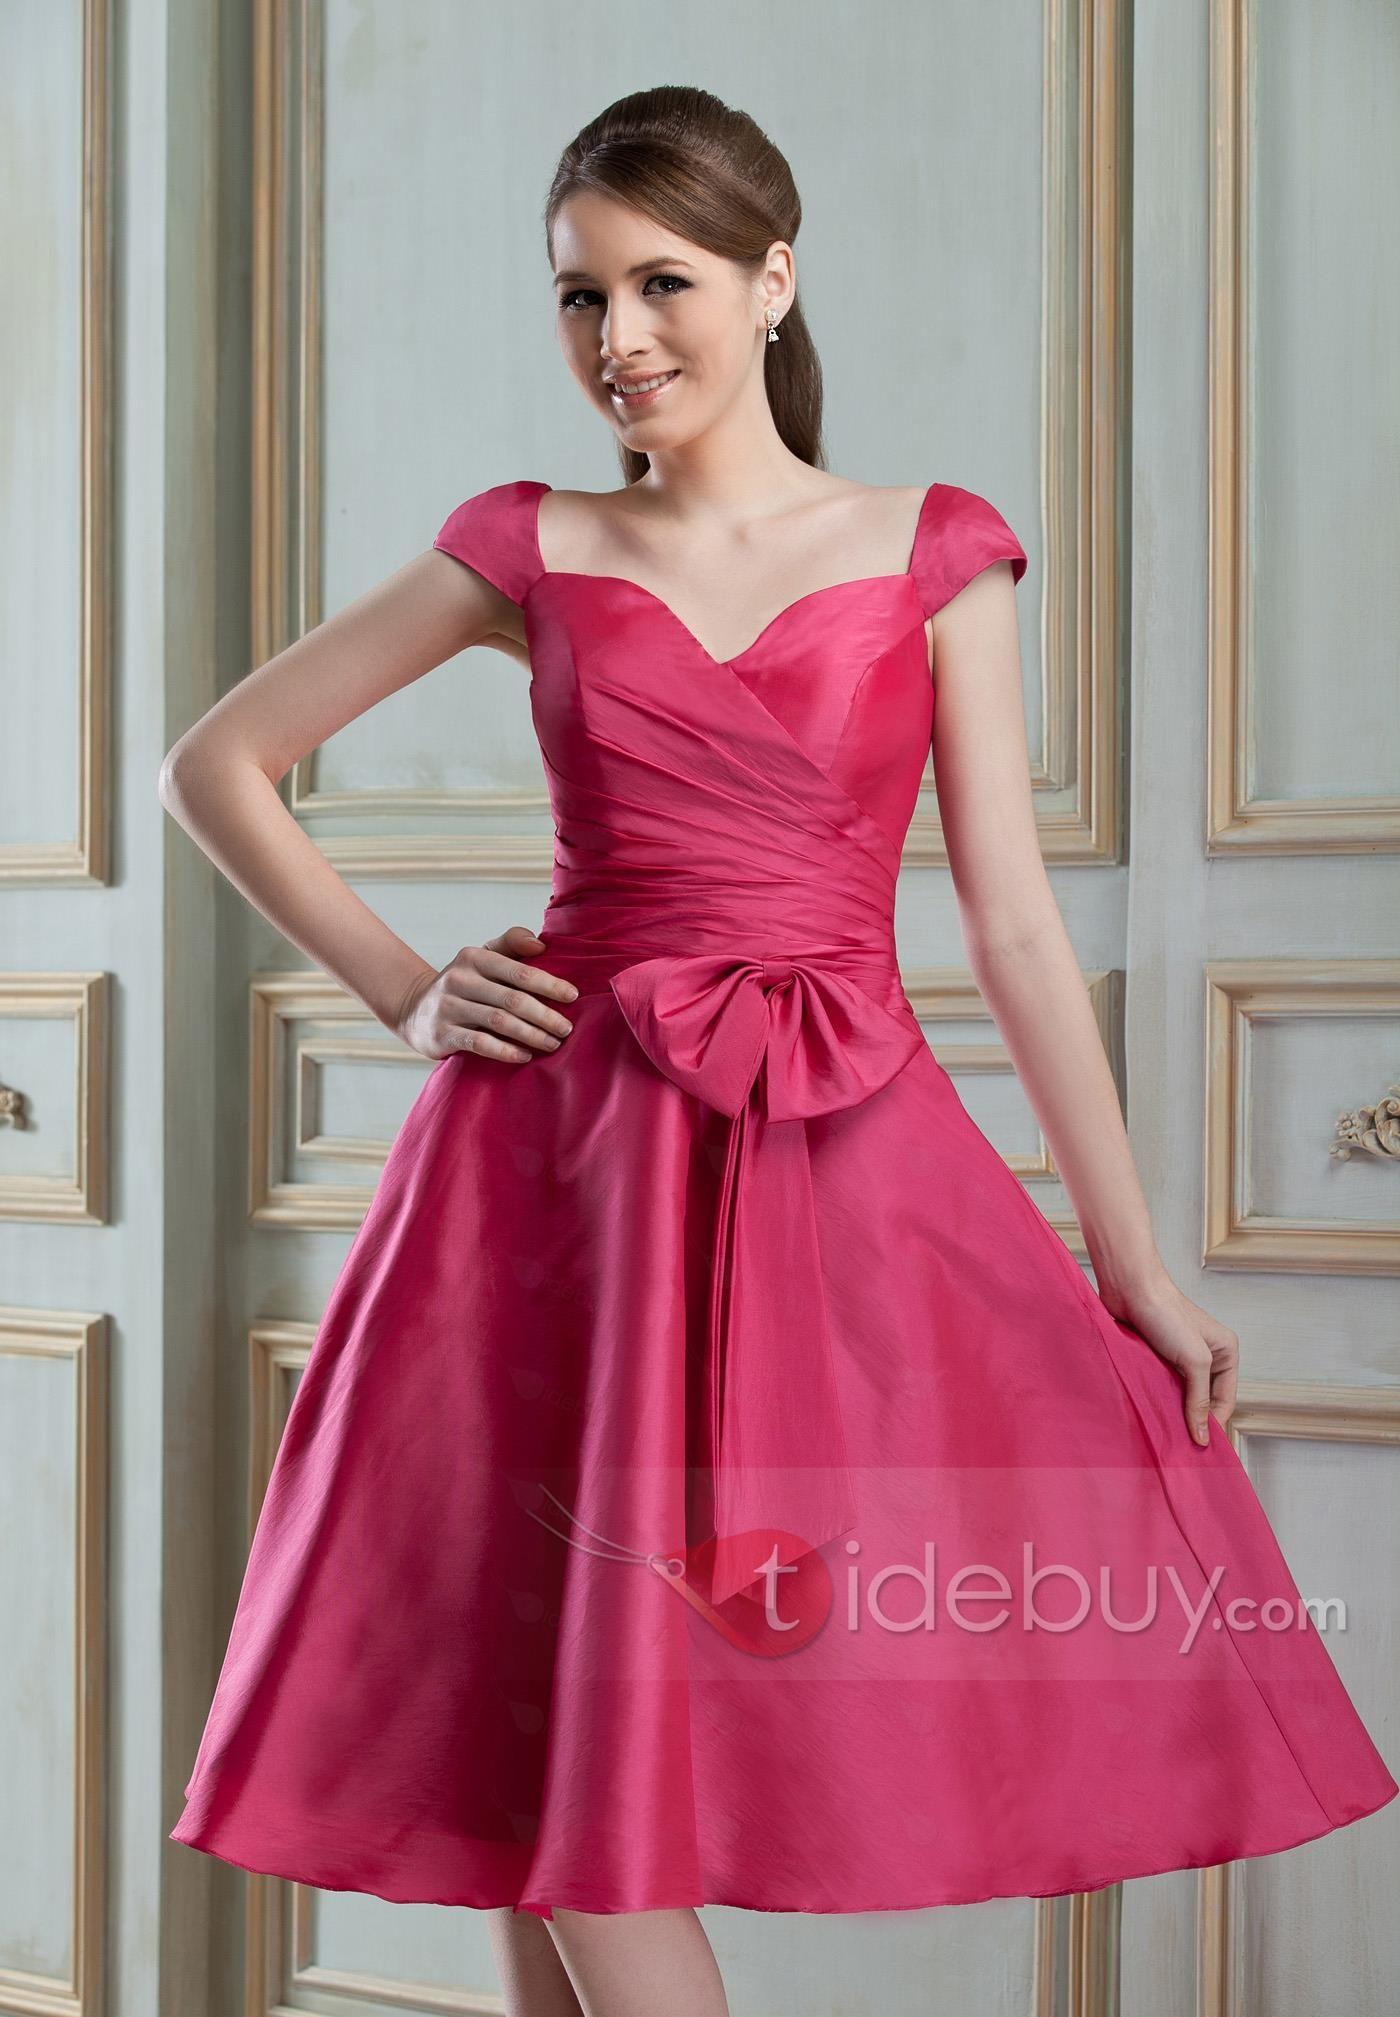 Moderno Vestidos De Dama De Honor Venus Uk Composición - Ideas de ...